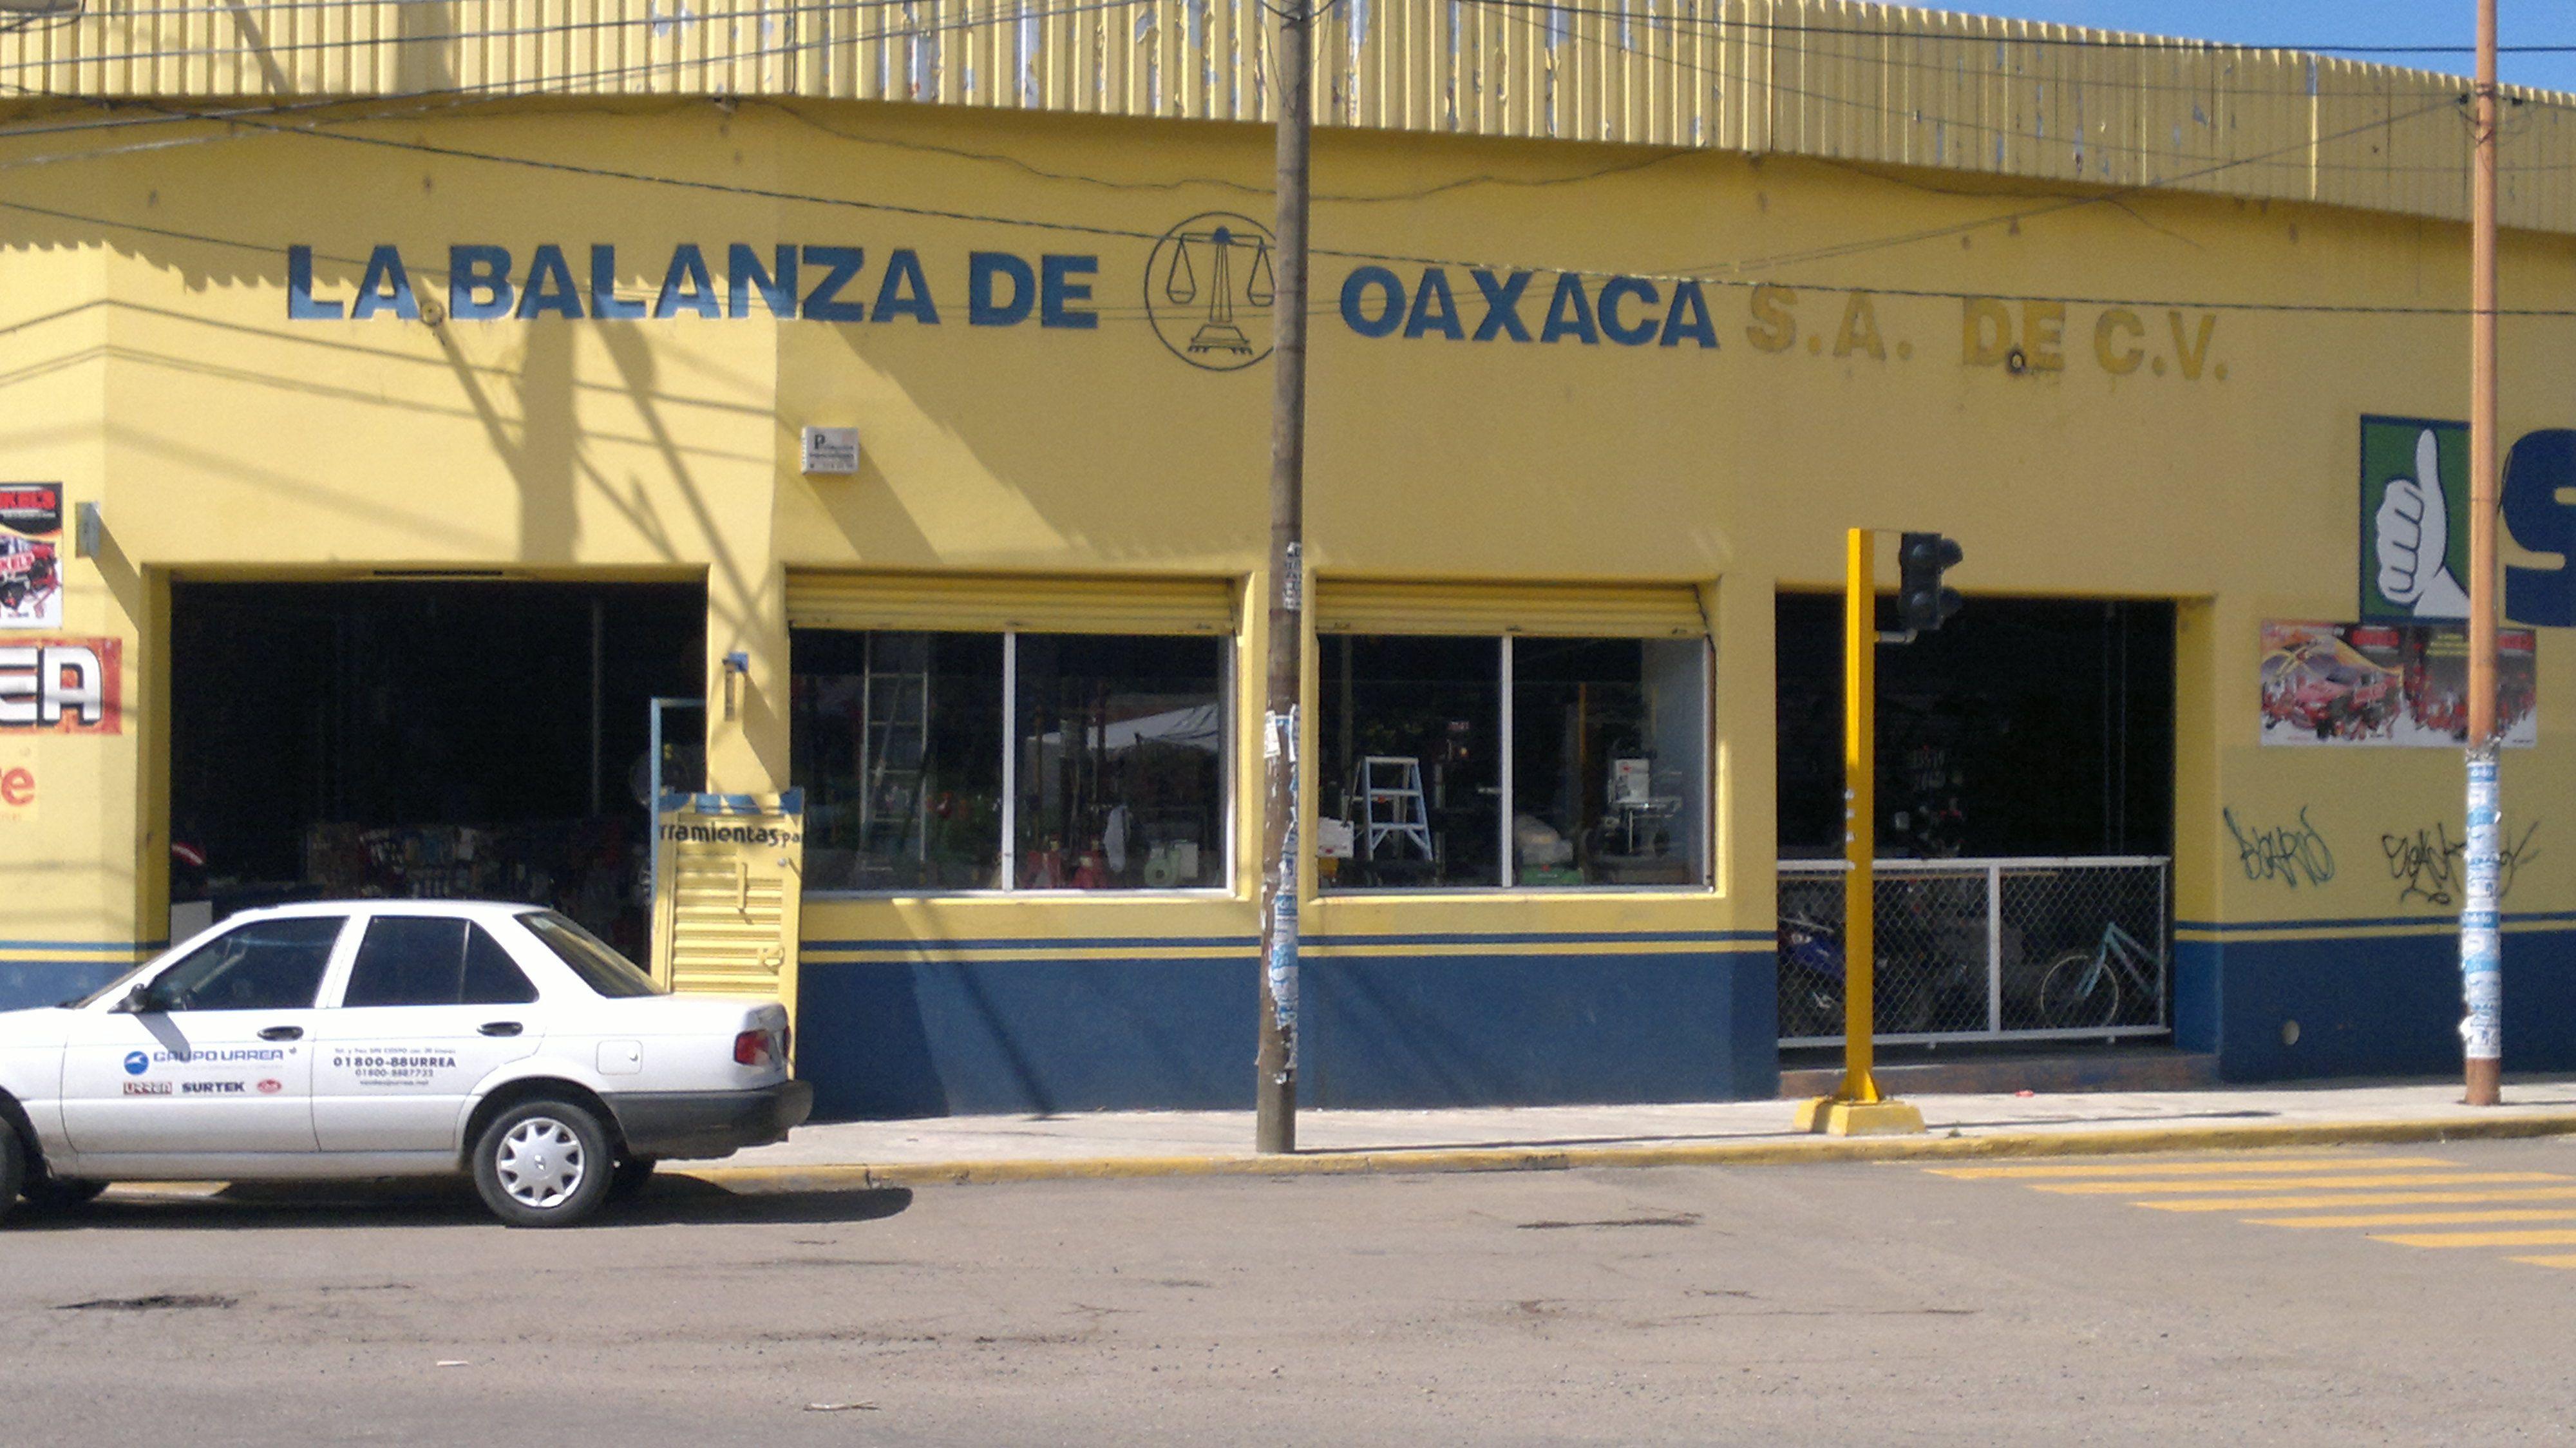 Carretera Internacional N° 1000 Tlalixtac de Cabreta, Crucero Avenida Ferrocarril-Tule